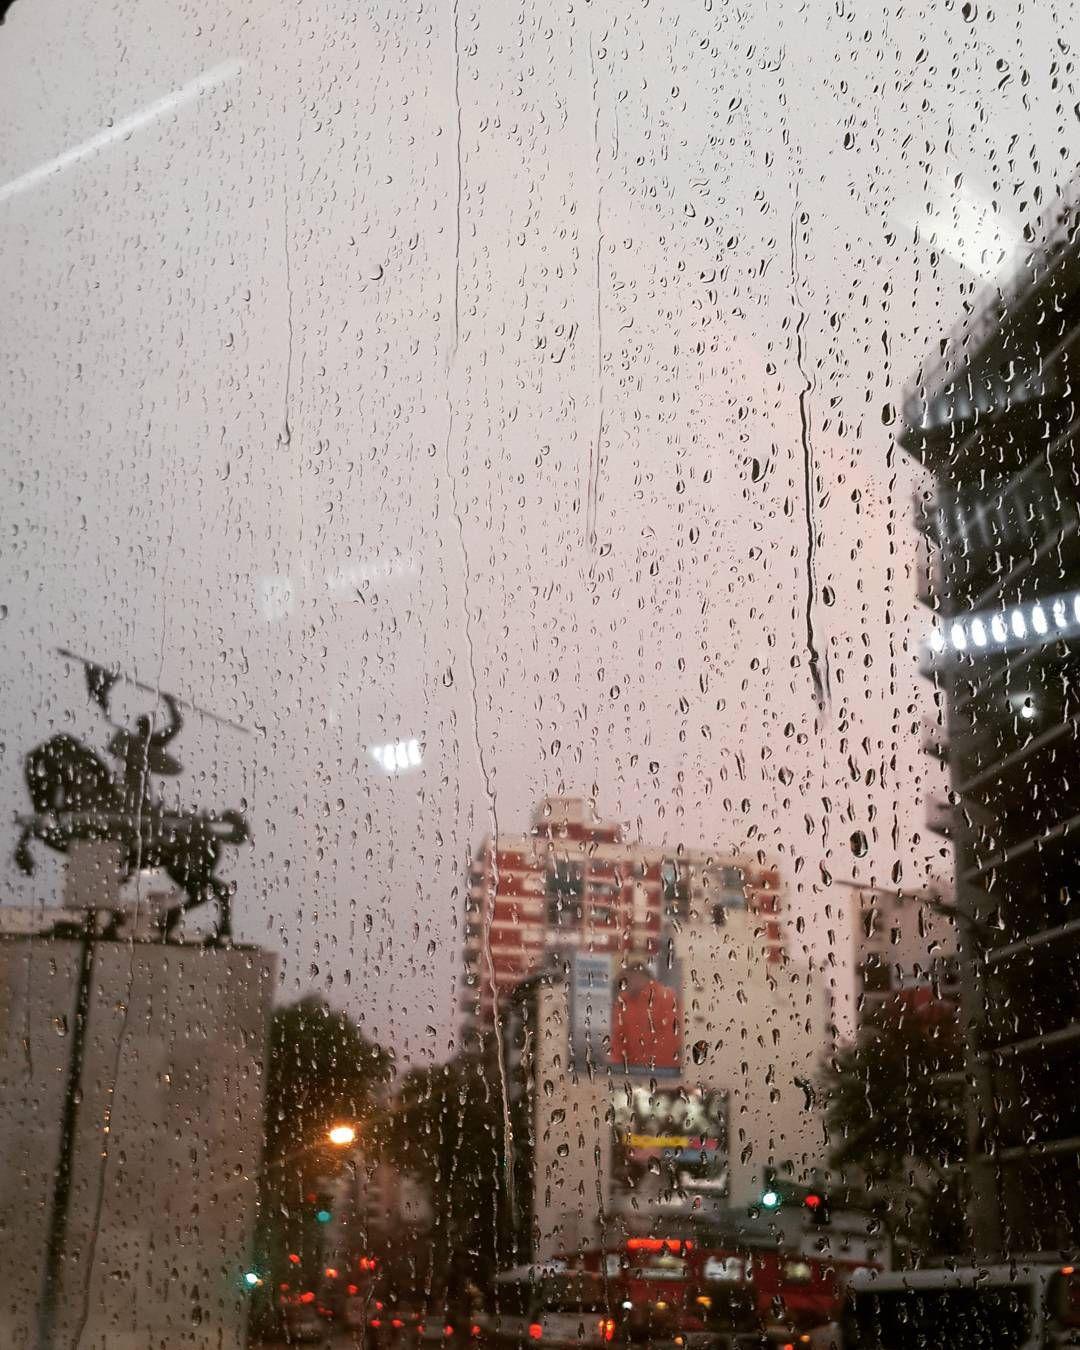 Cid Campeador, lluvia y un pseudo arcoiris  #backhome #cidcampeador #arcoiris #rainbow #rain #lluvia #instabsas #BuenosAires